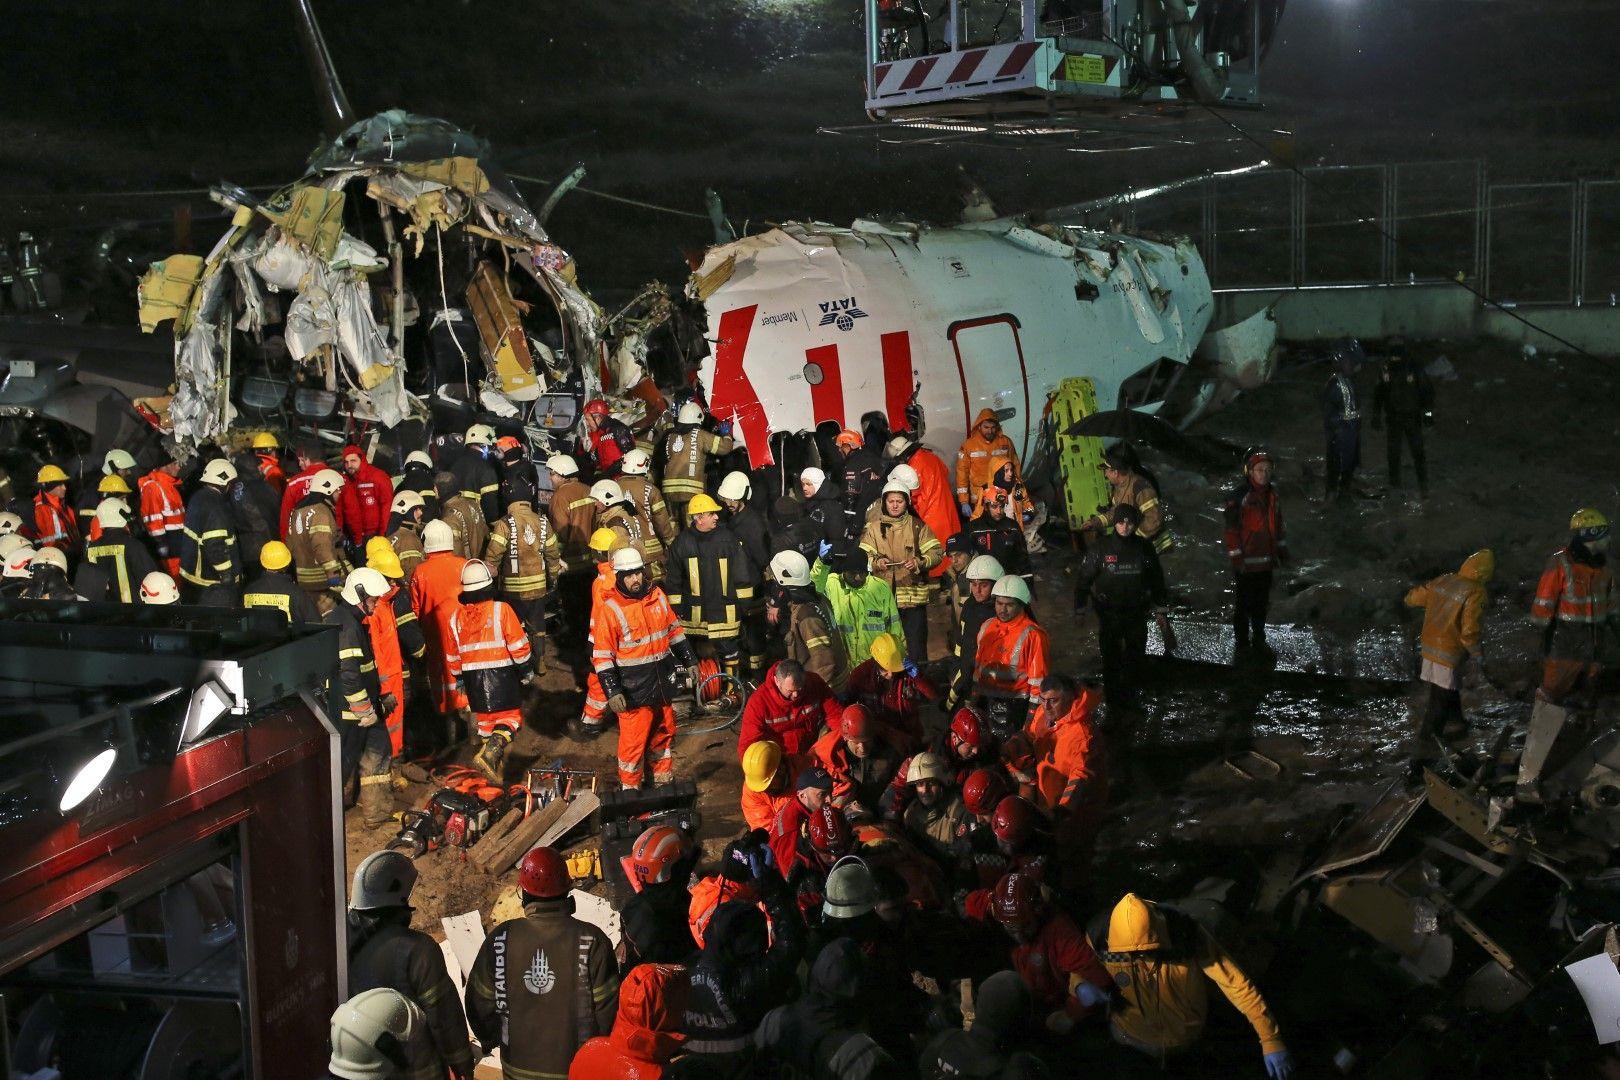 Стотици спасители и много медицински екипи се озоваха на мястото на катастрофата